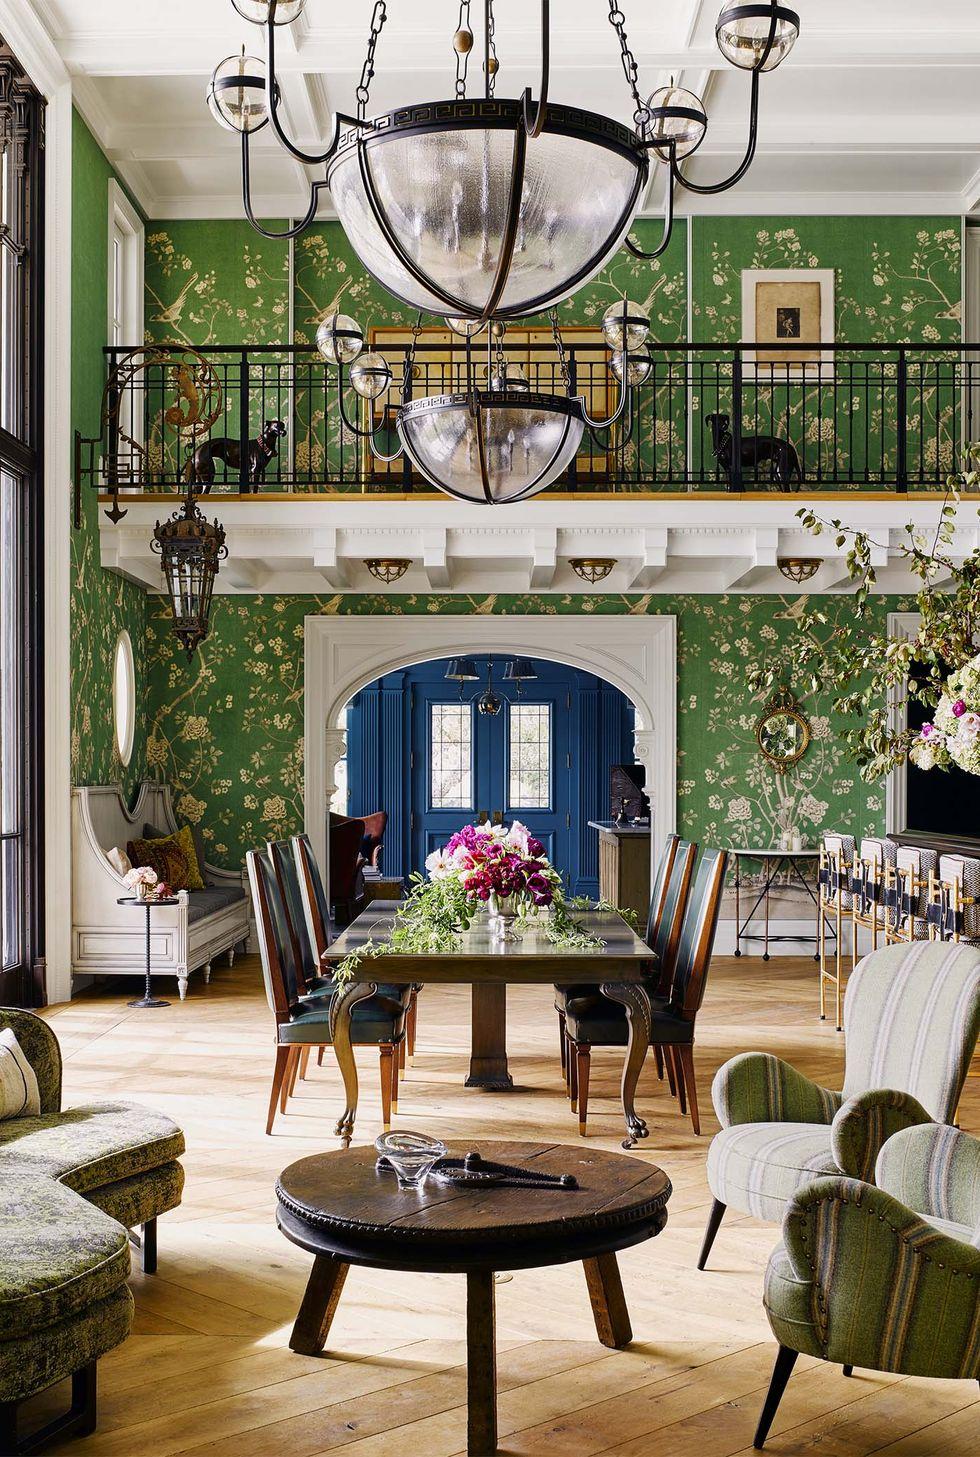 rumah wallpaper hijau